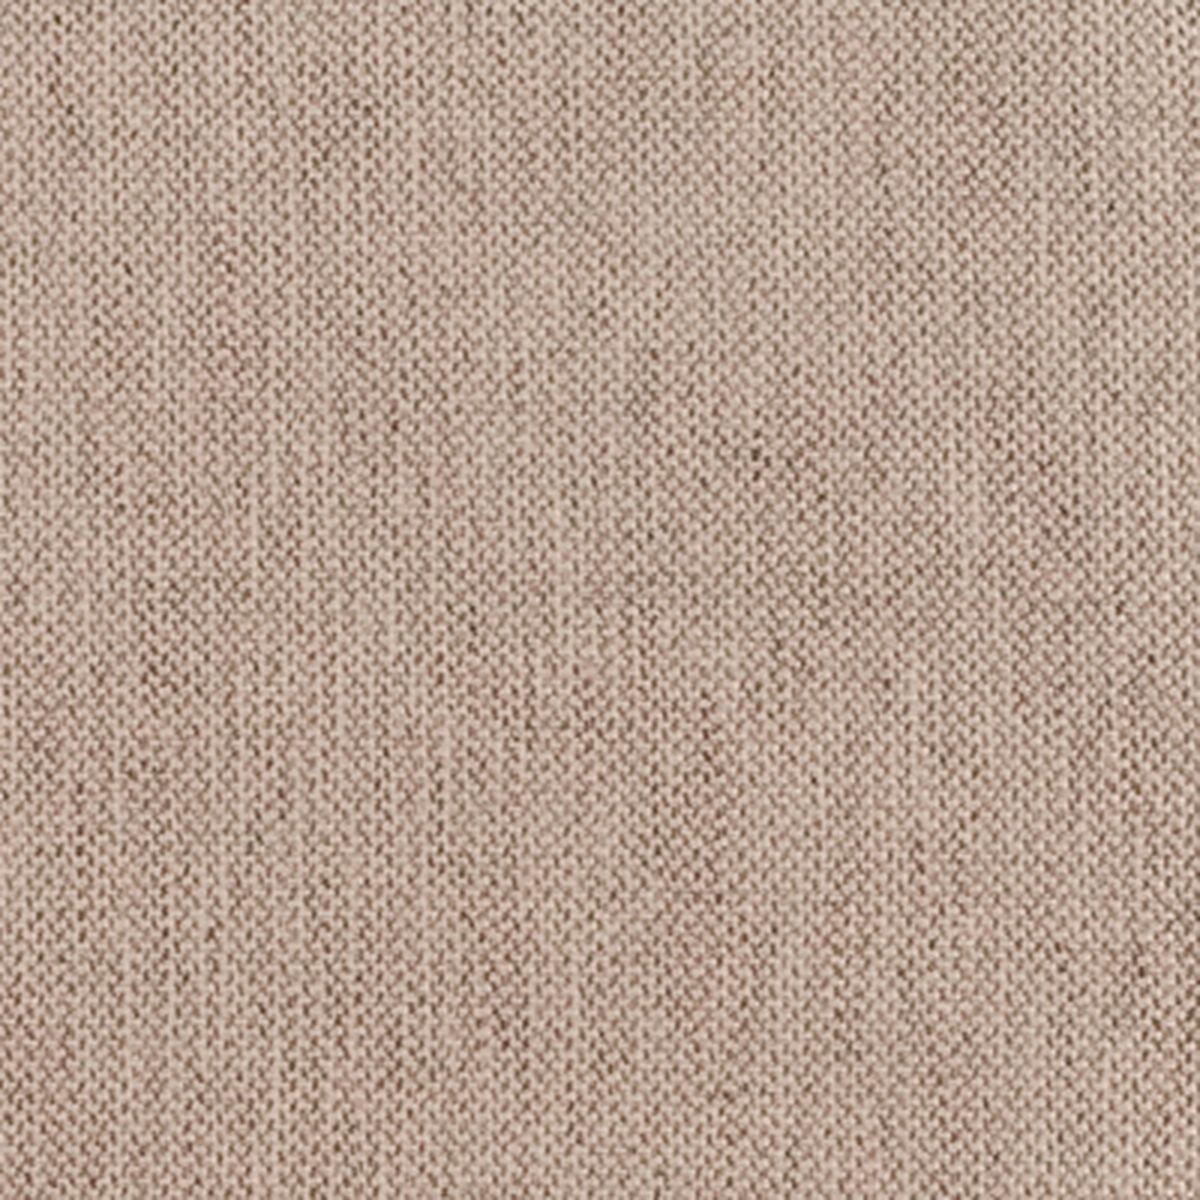 beige fabric church chair fd ch0221 4 cv bge1 gg bizchair com